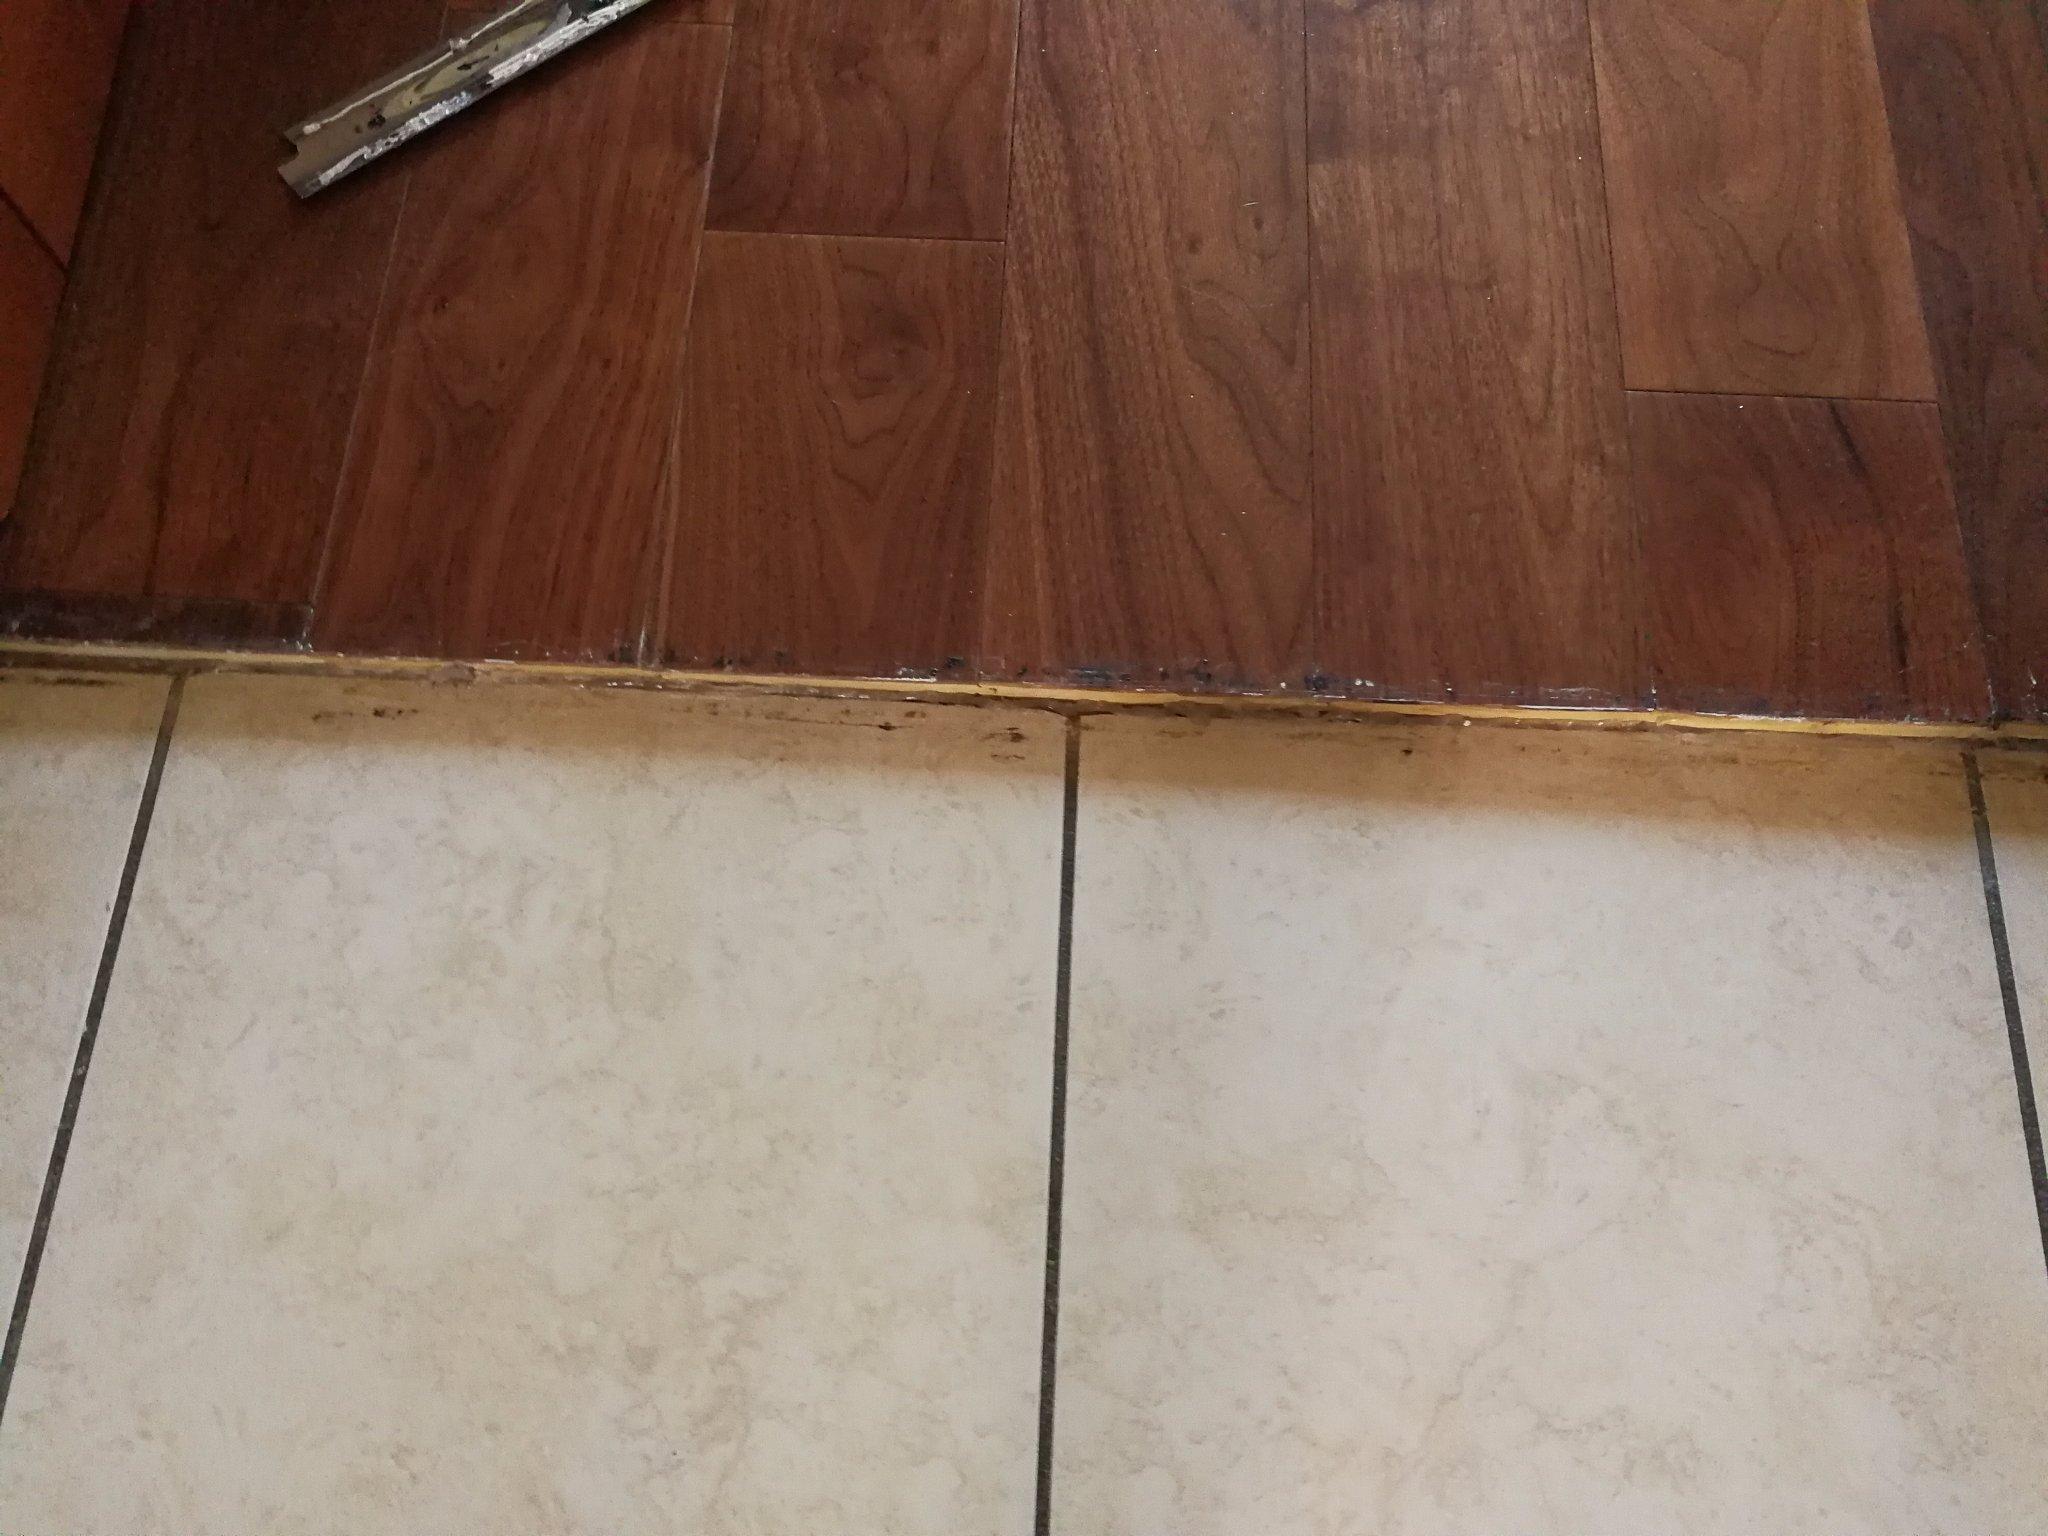 Zoccolino tra una pavimentazione e l altra e crepe piastrelle